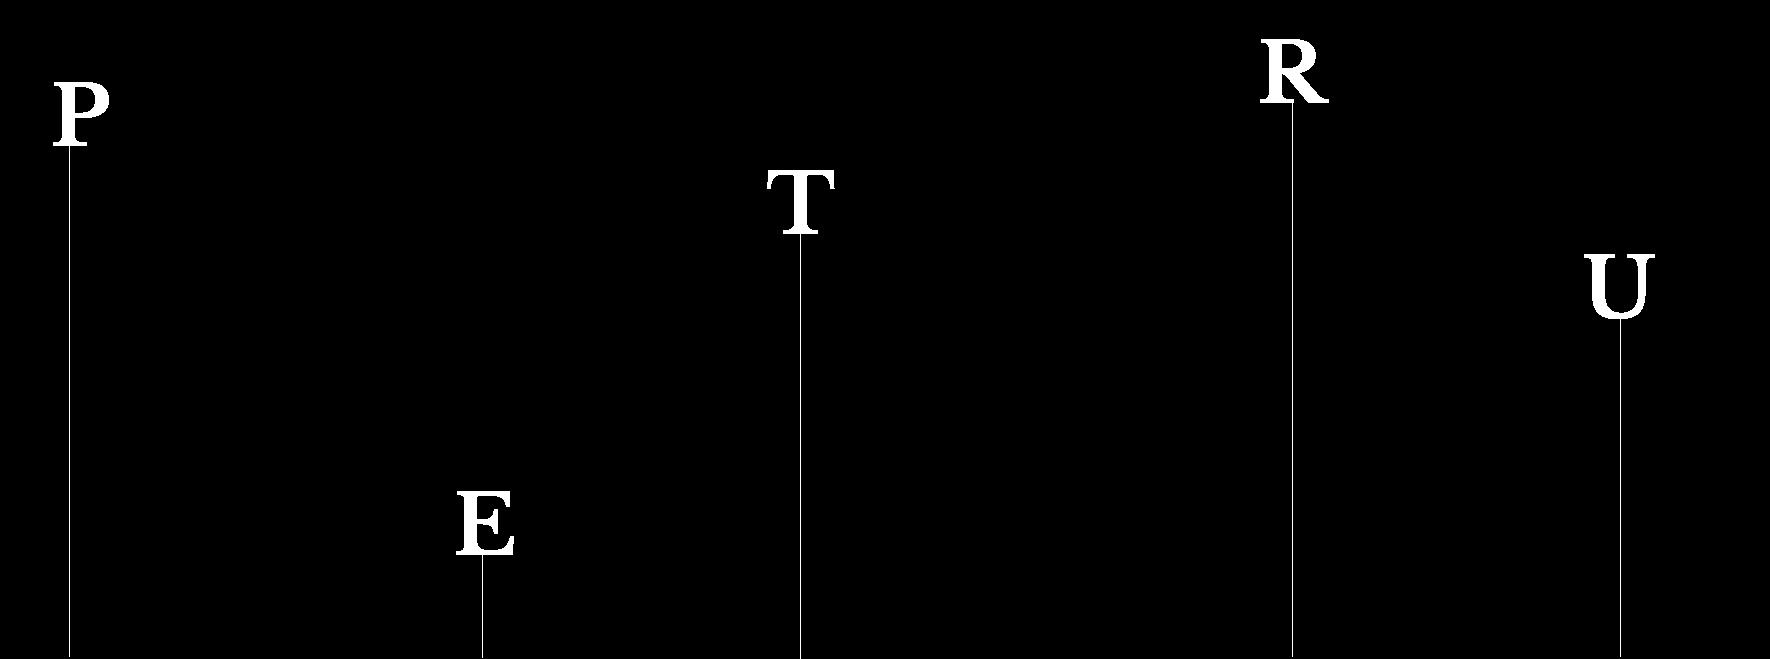 litere-petru1